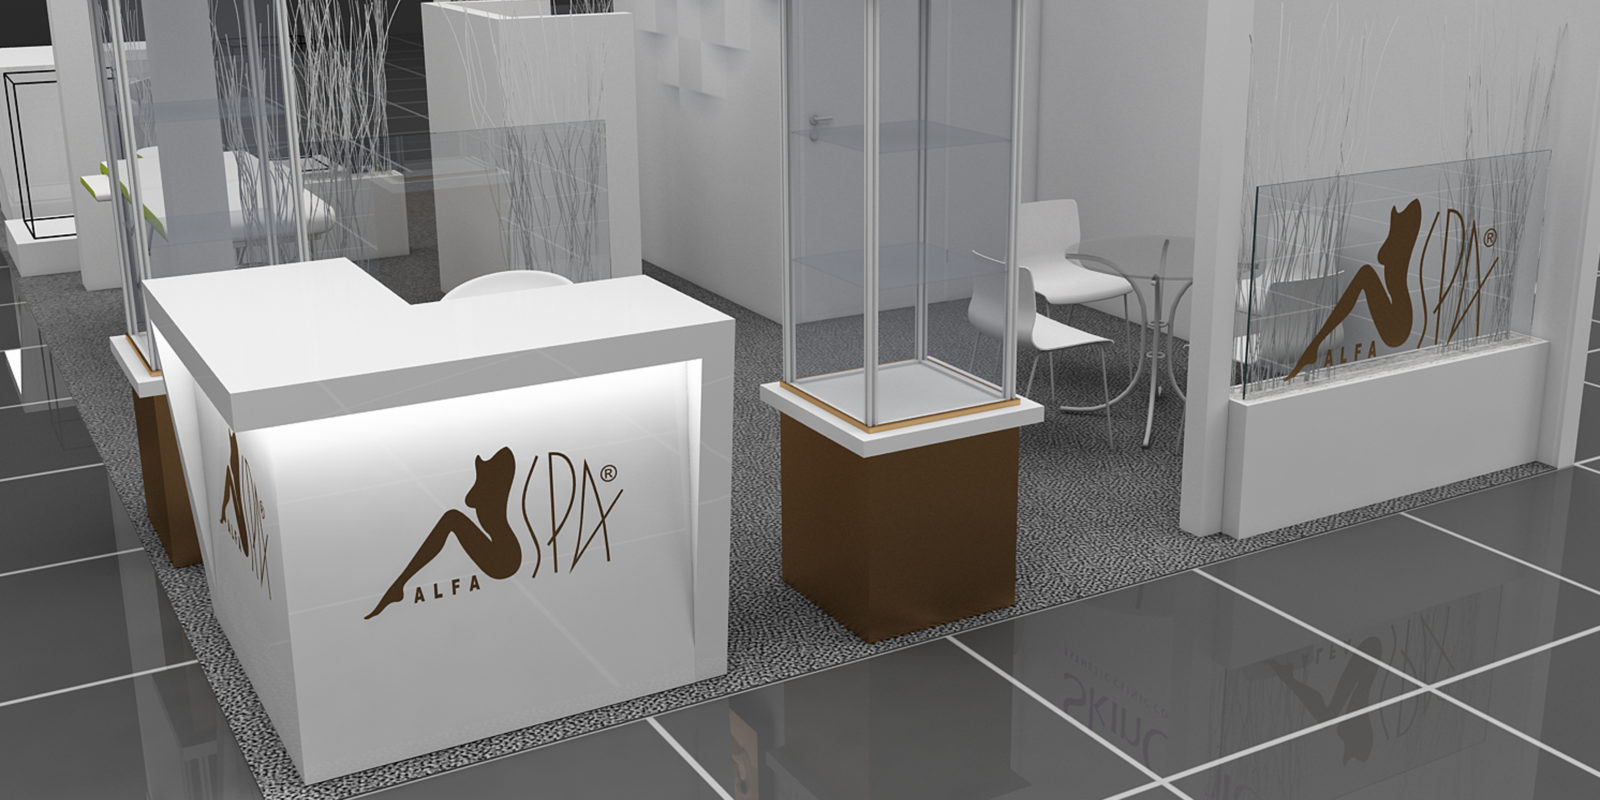 Дизайн проект выставочного стенда Alfa Spa.